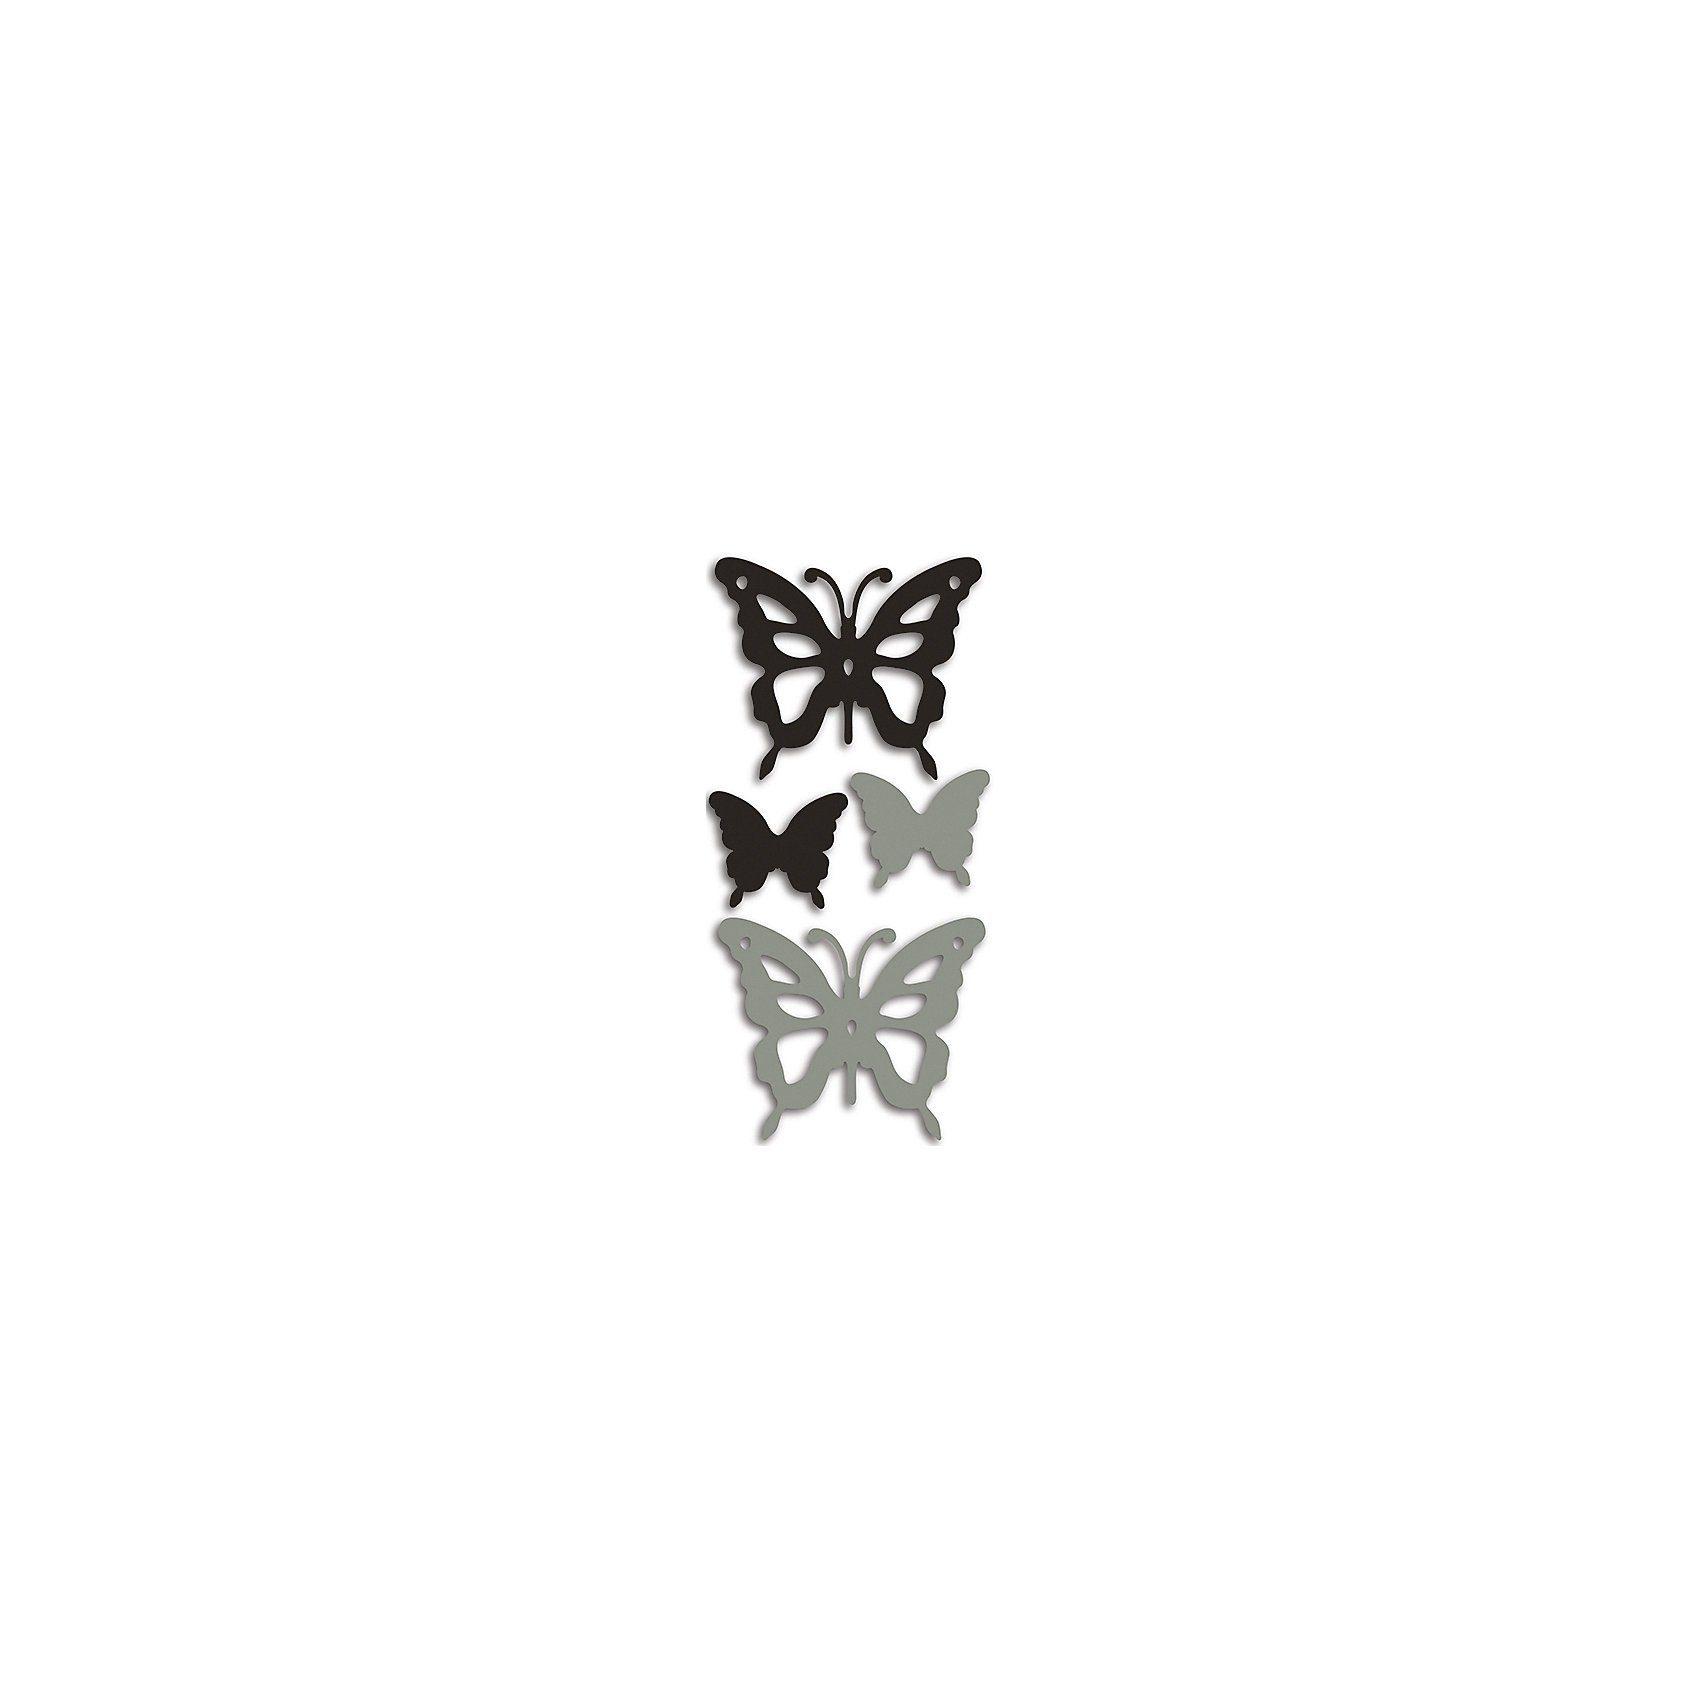 Wandsticker 3D Schmetterling, 4-tlg.